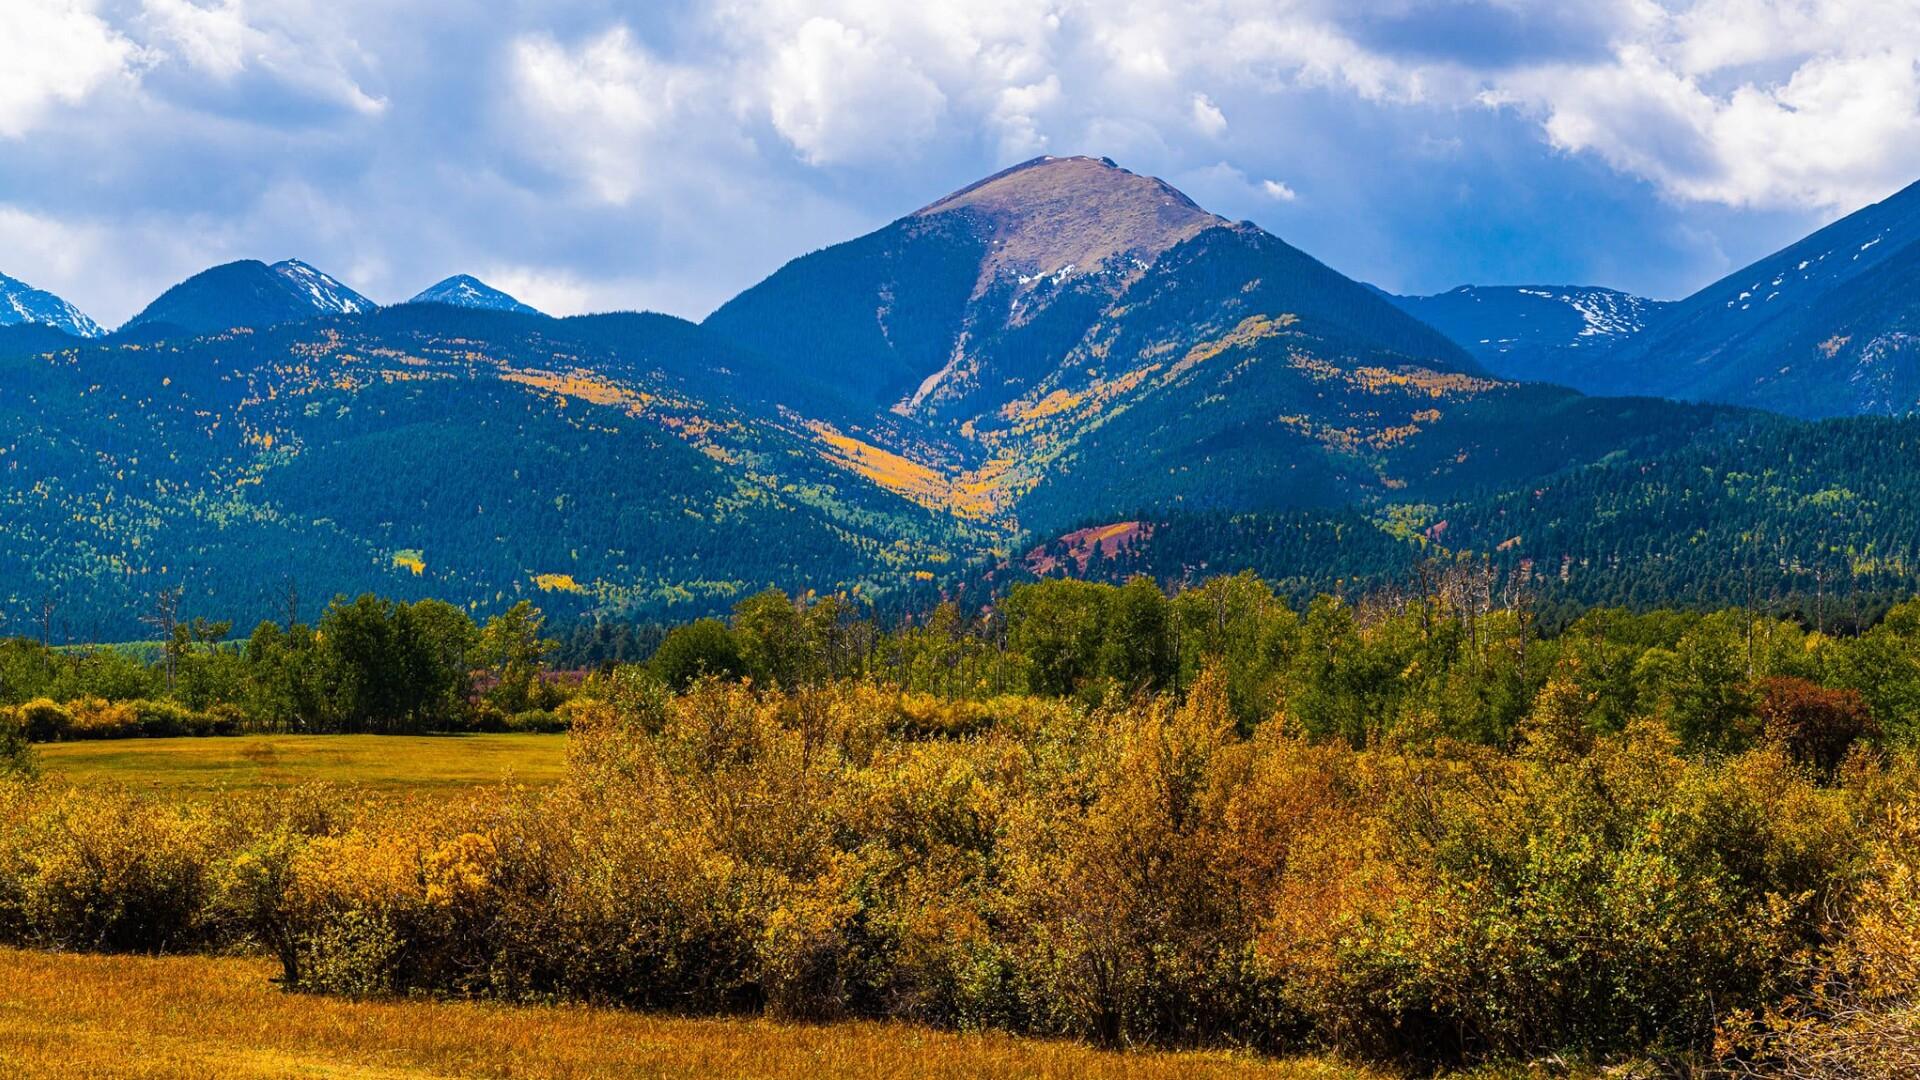 Wet Mountain Valley Steve Shugart.jpg